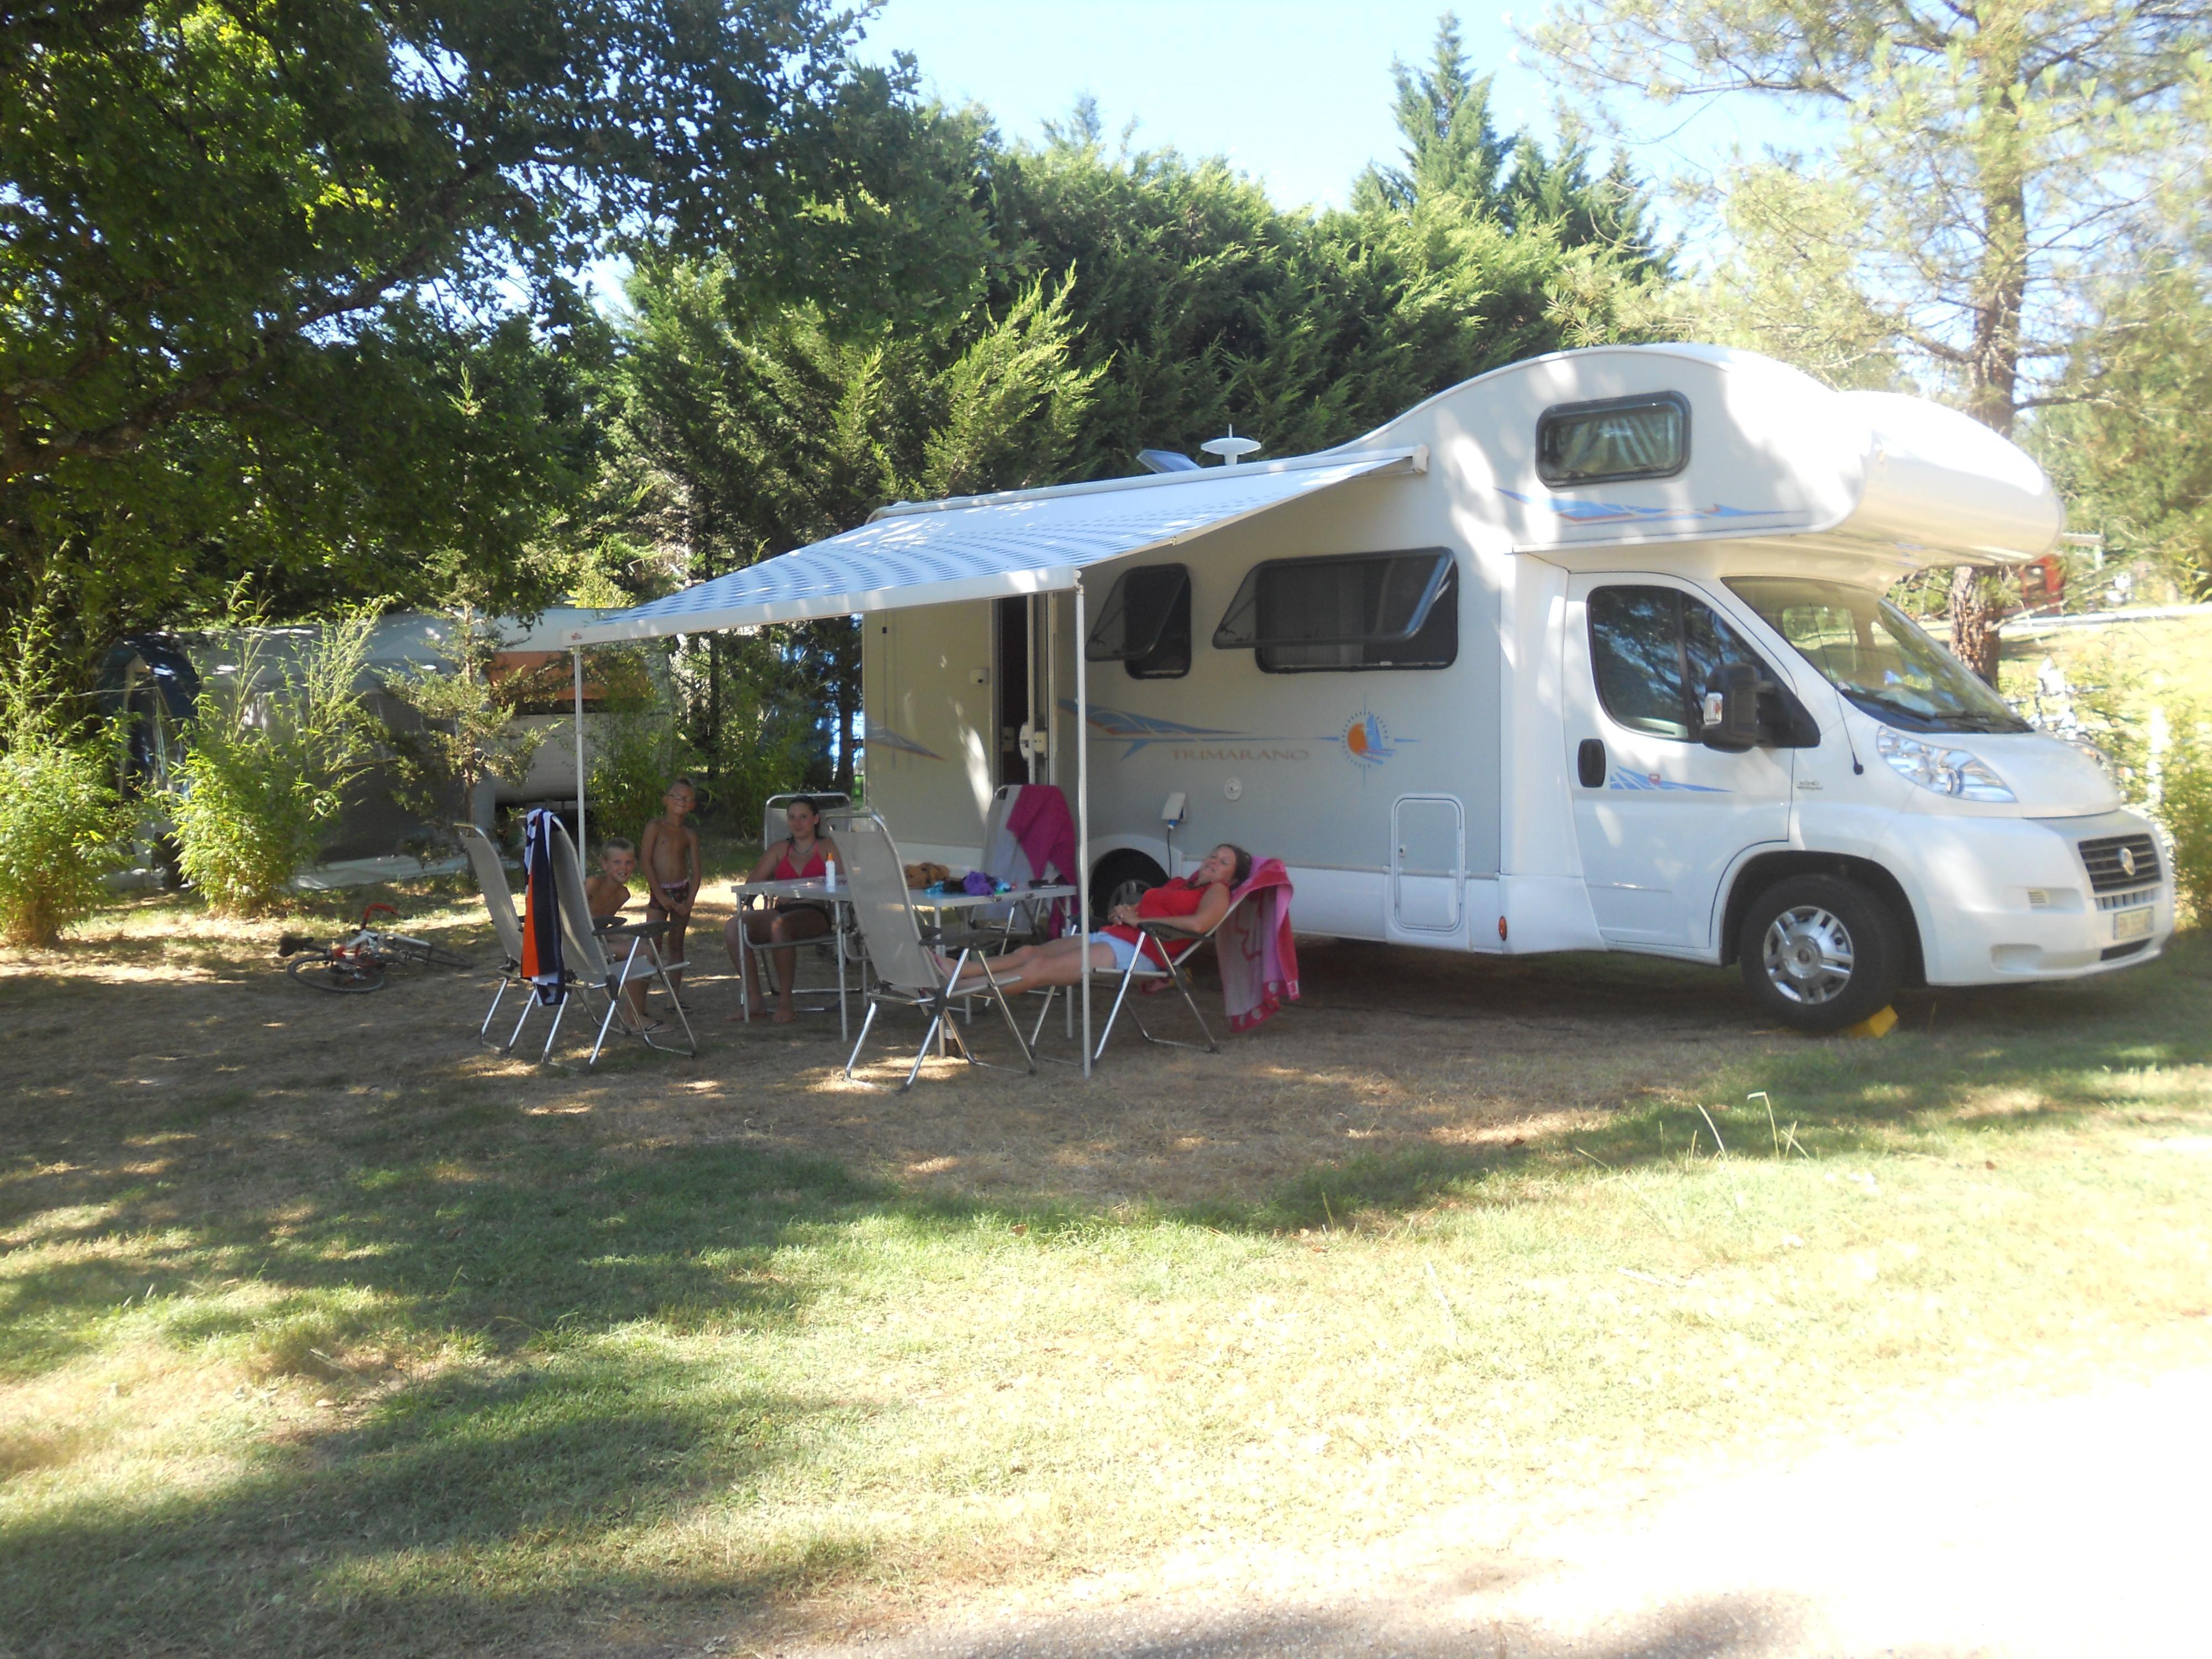 Emplacement - Emplacement Petite Vue Etang Avec Électricité Inclus - 100 À 120 M² Pour Caravane Ou Camping-Car - 6 A - Camping Sites et Paysages Etang de Bazange